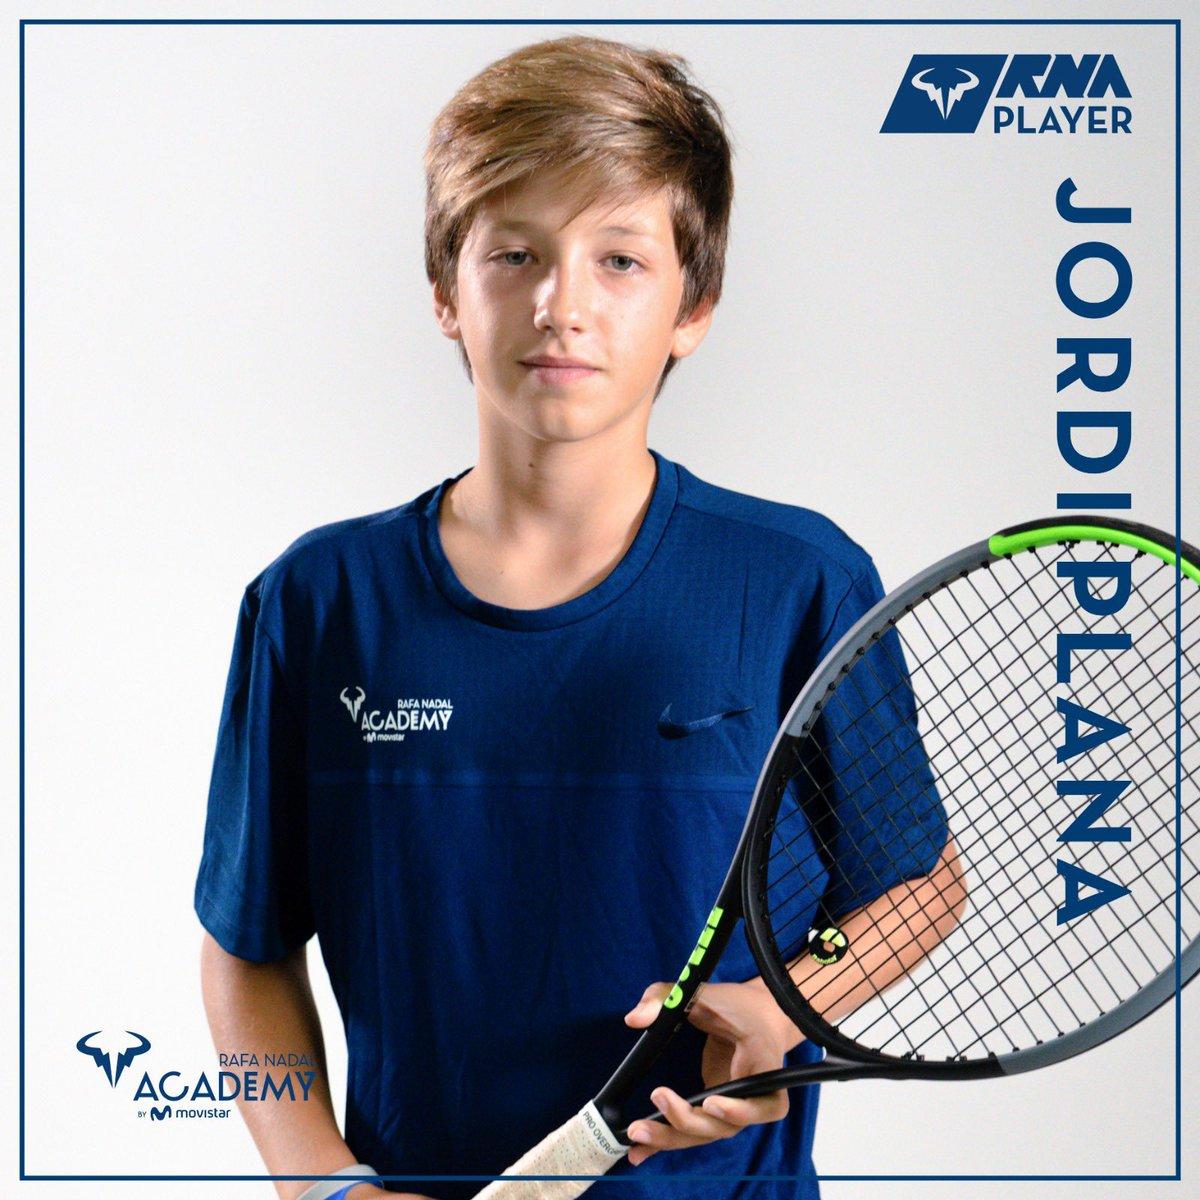 Media Tweets By Rafa Nadal Academy By Movistar Rnadalacademy Twitter